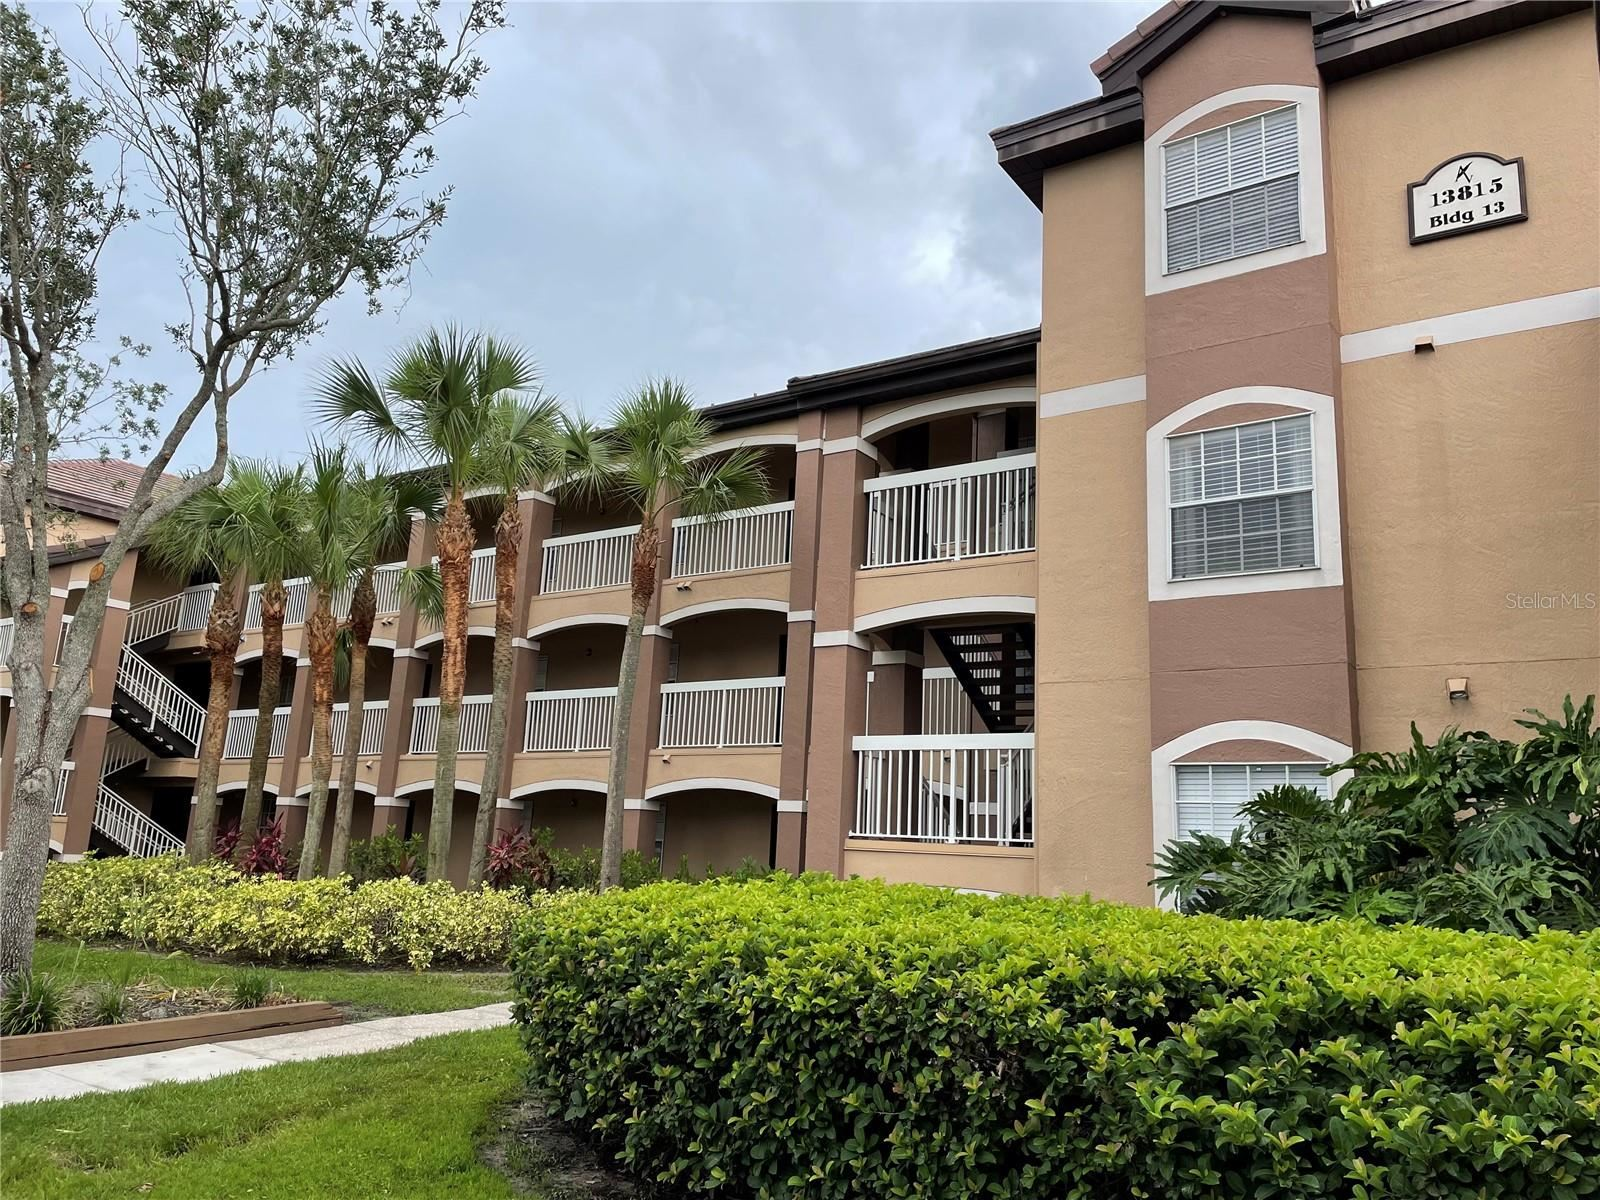 13815 FAIRWAY ISLAND DRIVE #1327, Orlando, FL 32837 - #: O5955071